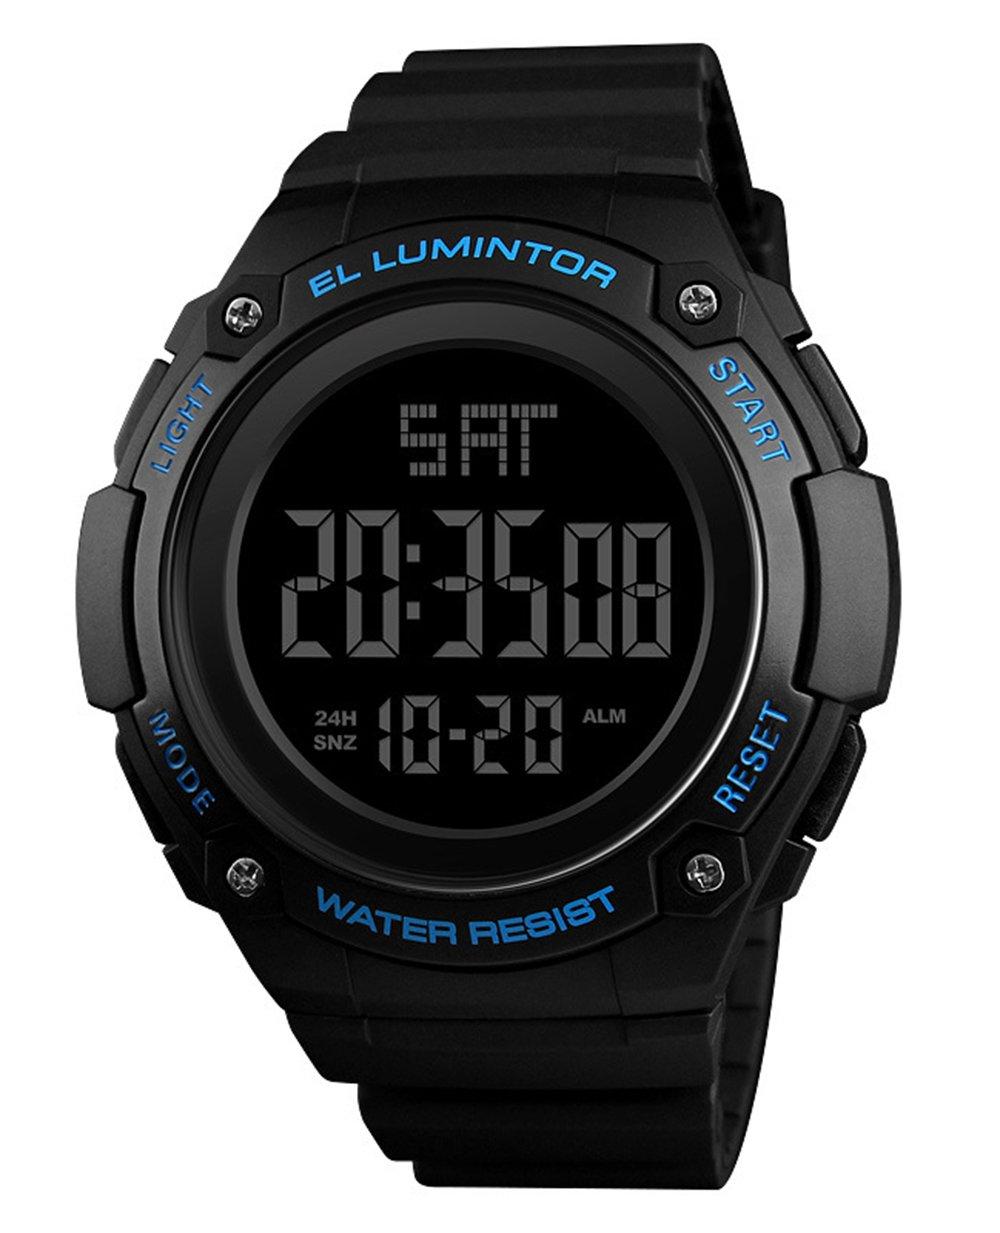 メンズアウトドアスポーツウォッチ高級ブランドメンズLEDデジタル腕時計日付防水時計大きなダイヤルミリタリー腕時計 54mm ブルー B07DKRHFQ6 ブルー ブルー